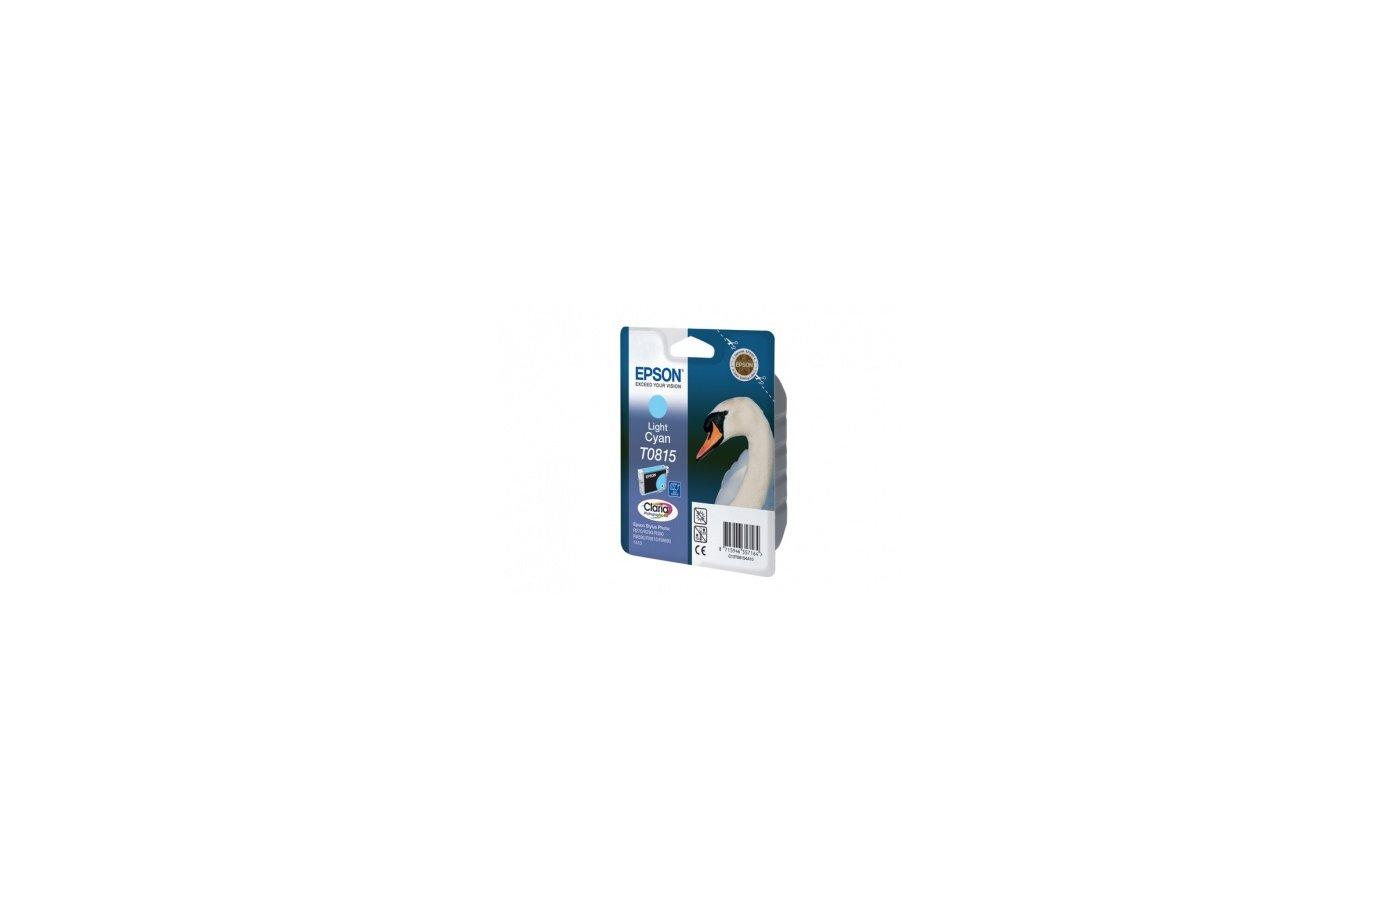 Картридж струйный Epson C13T11154A10 T0815 светло-голубой R270/290/RX590 (замена C13T08154A)